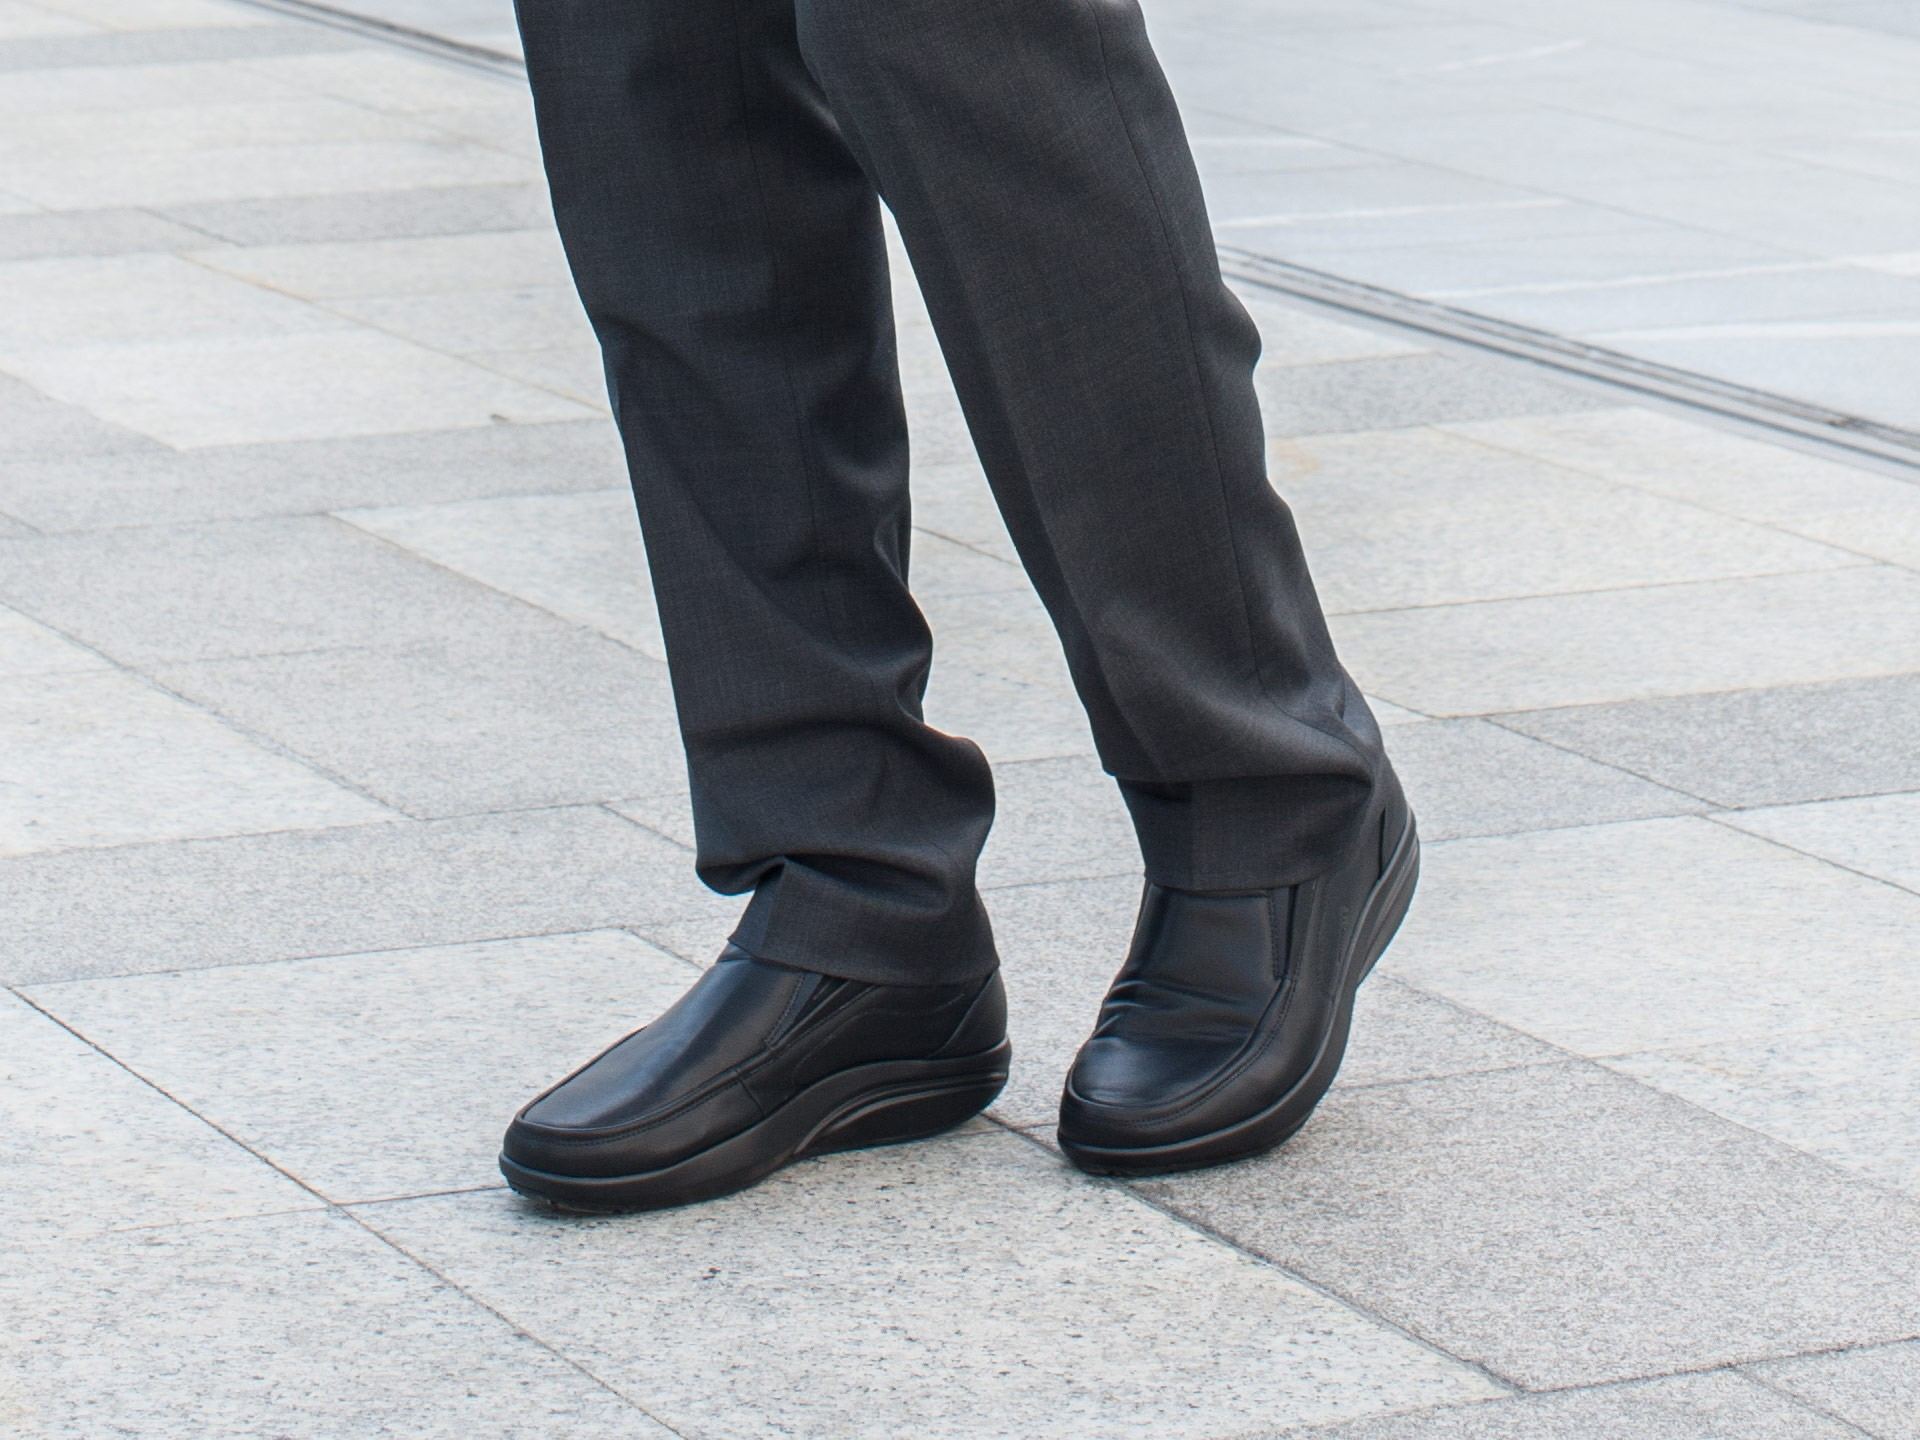 Черевики чоловічі Style Comfort - інтернет-магазин Walkmaxx a007c81b35ffe